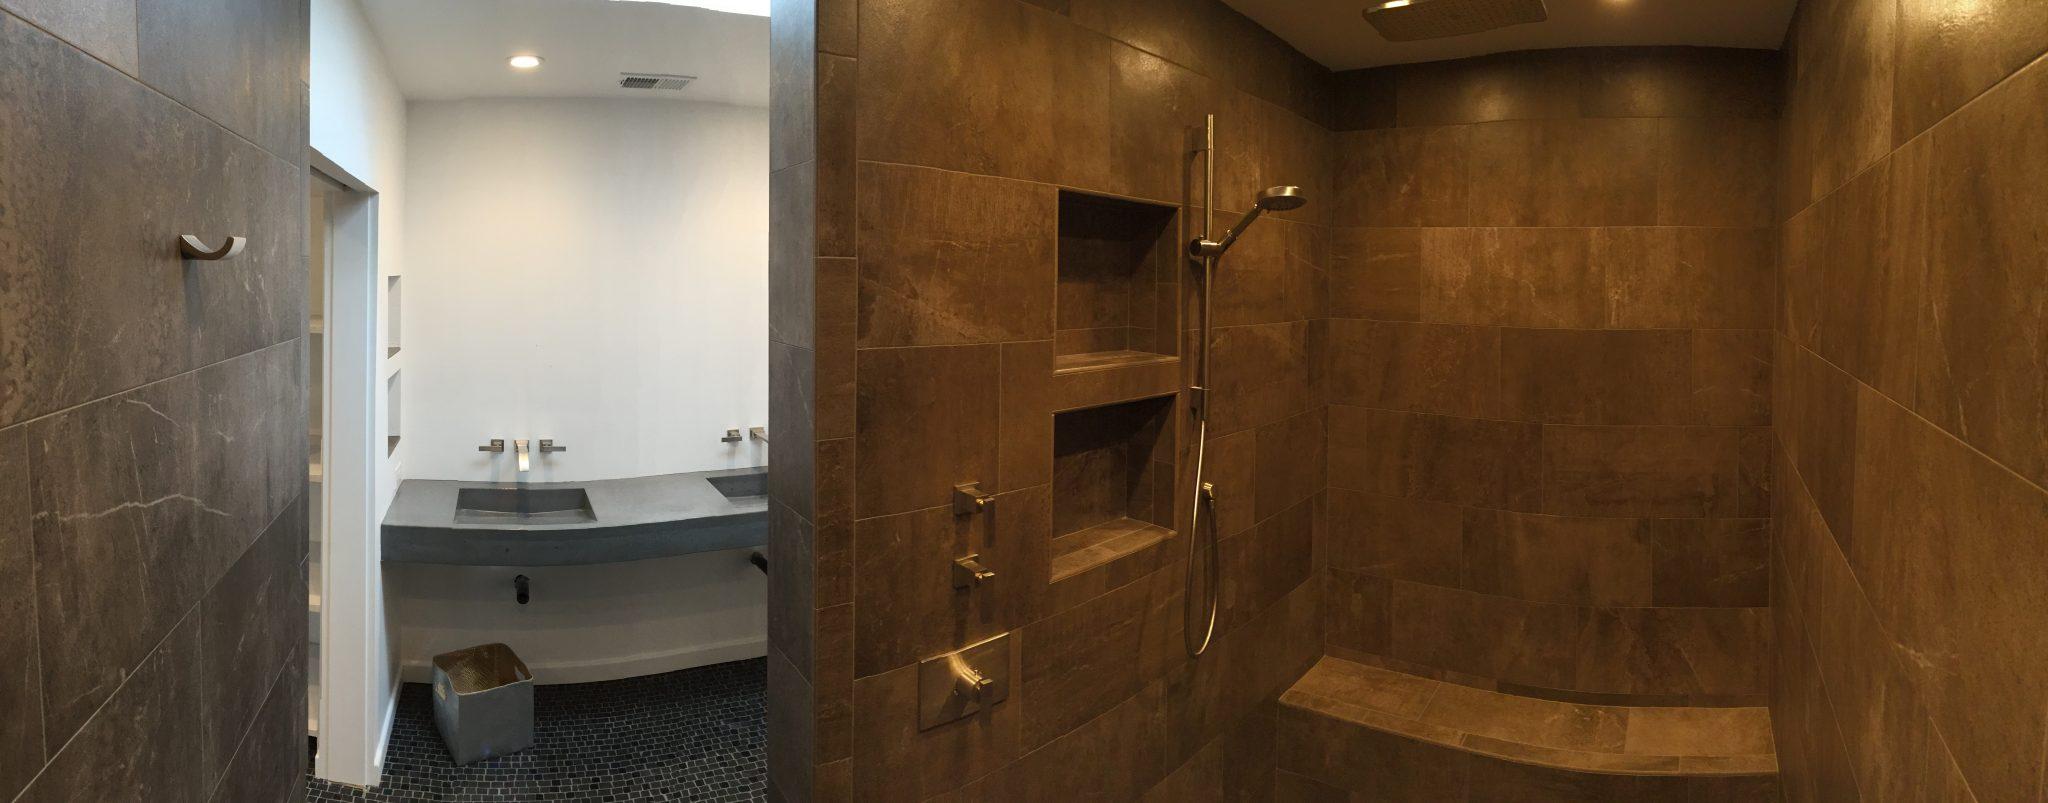 Modern Bathroom Remodel Dark Sink Hauser Houses